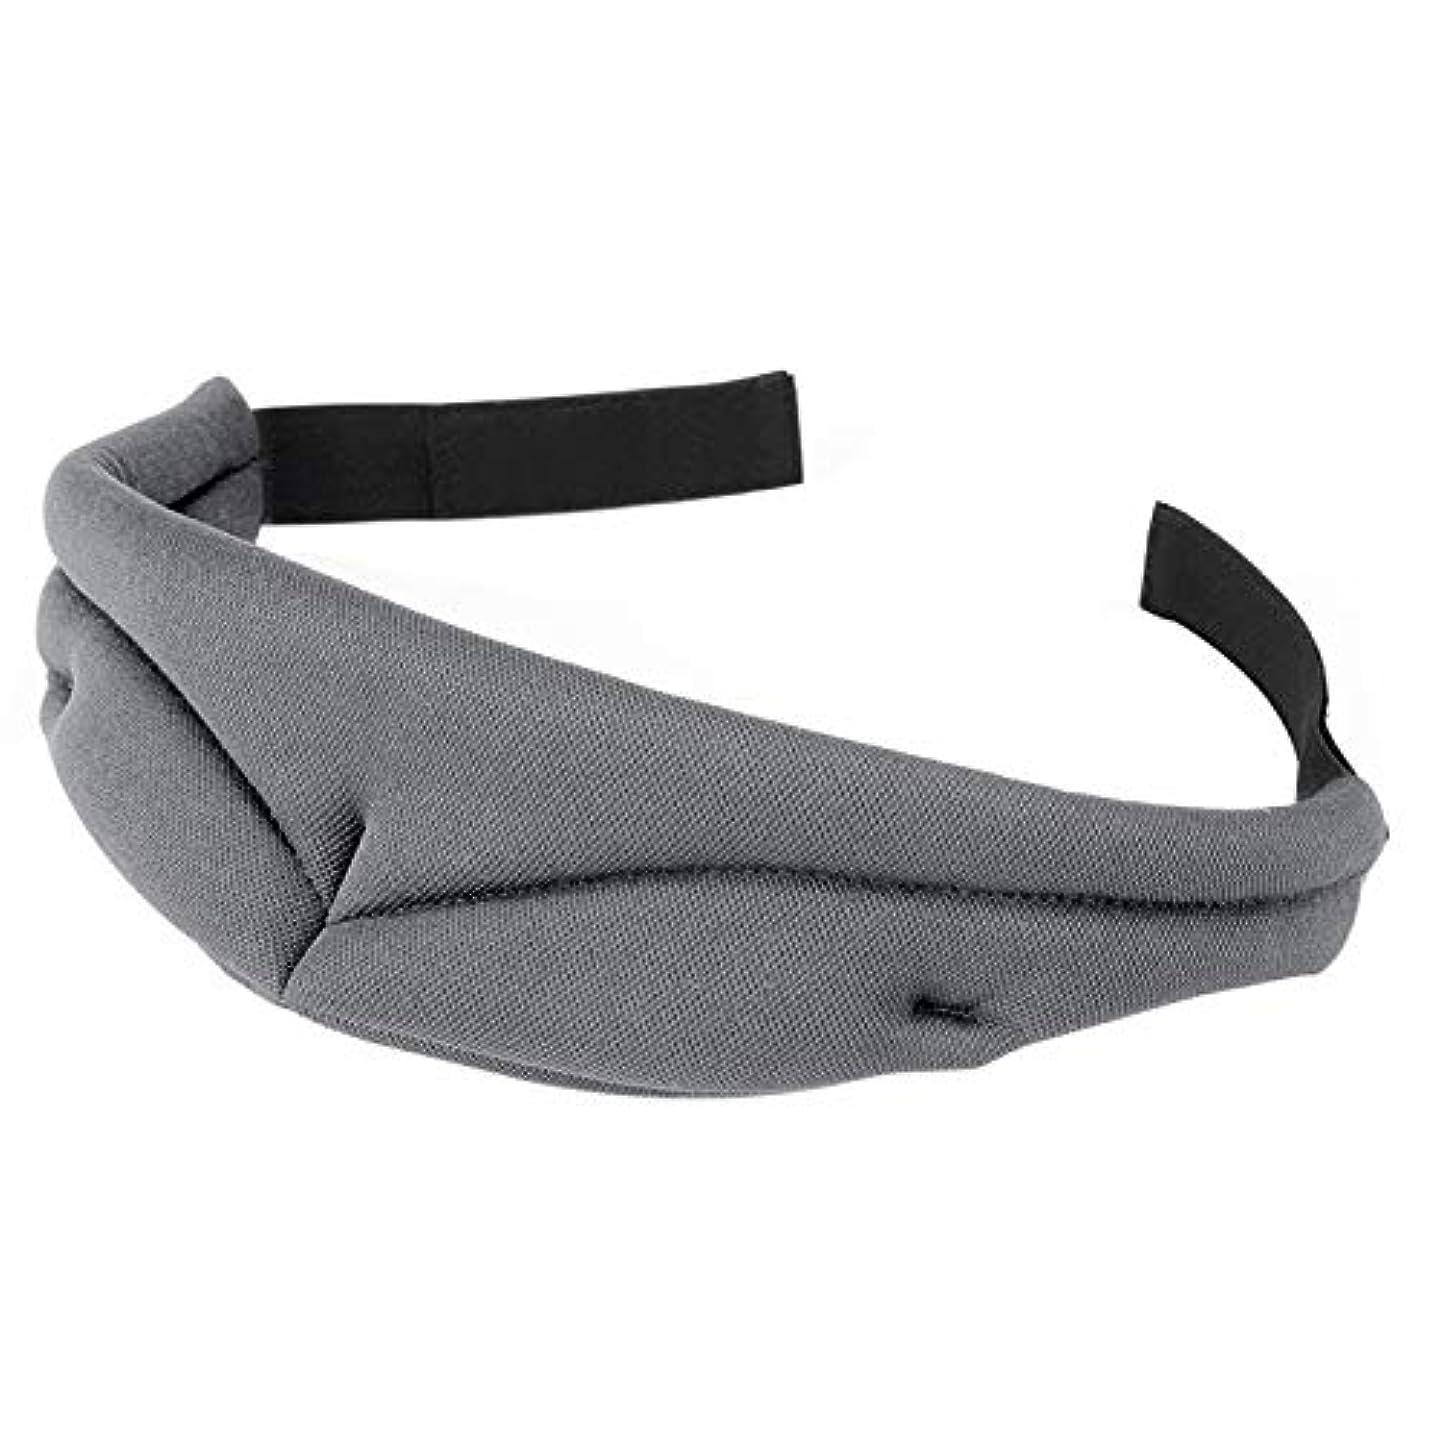 シネウィ合体知恵NOTE 3d超ソフト通気性ファブリックアイシェード睡眠アイマスクポータブル旅行睡眠休息補助アイマスクカバーアイパッチ睡眠マスク